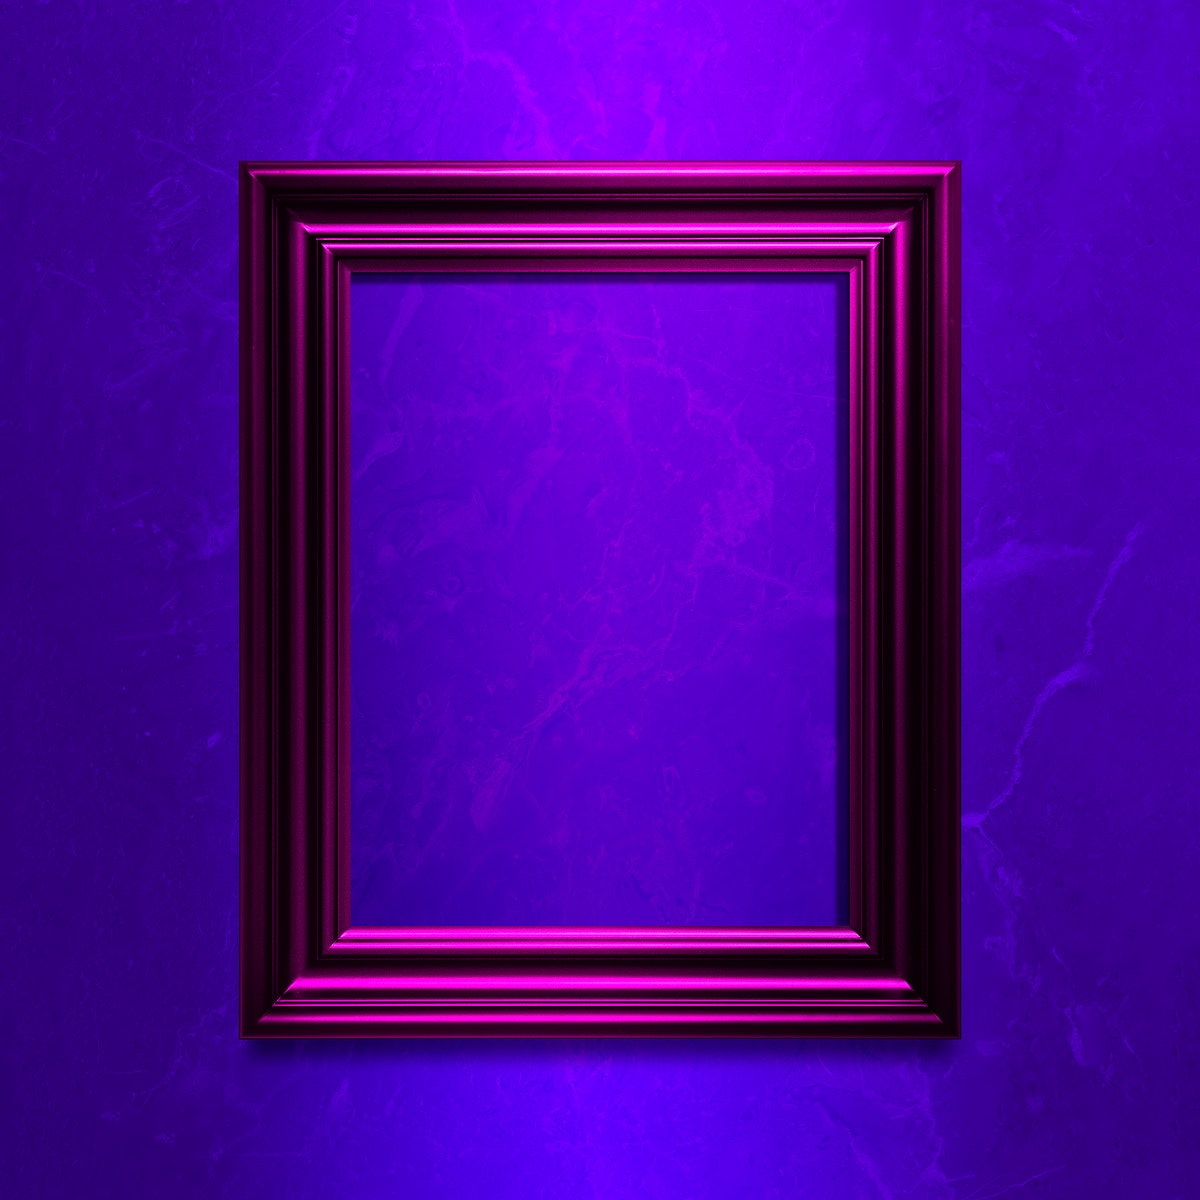 Pink photo frame mockup